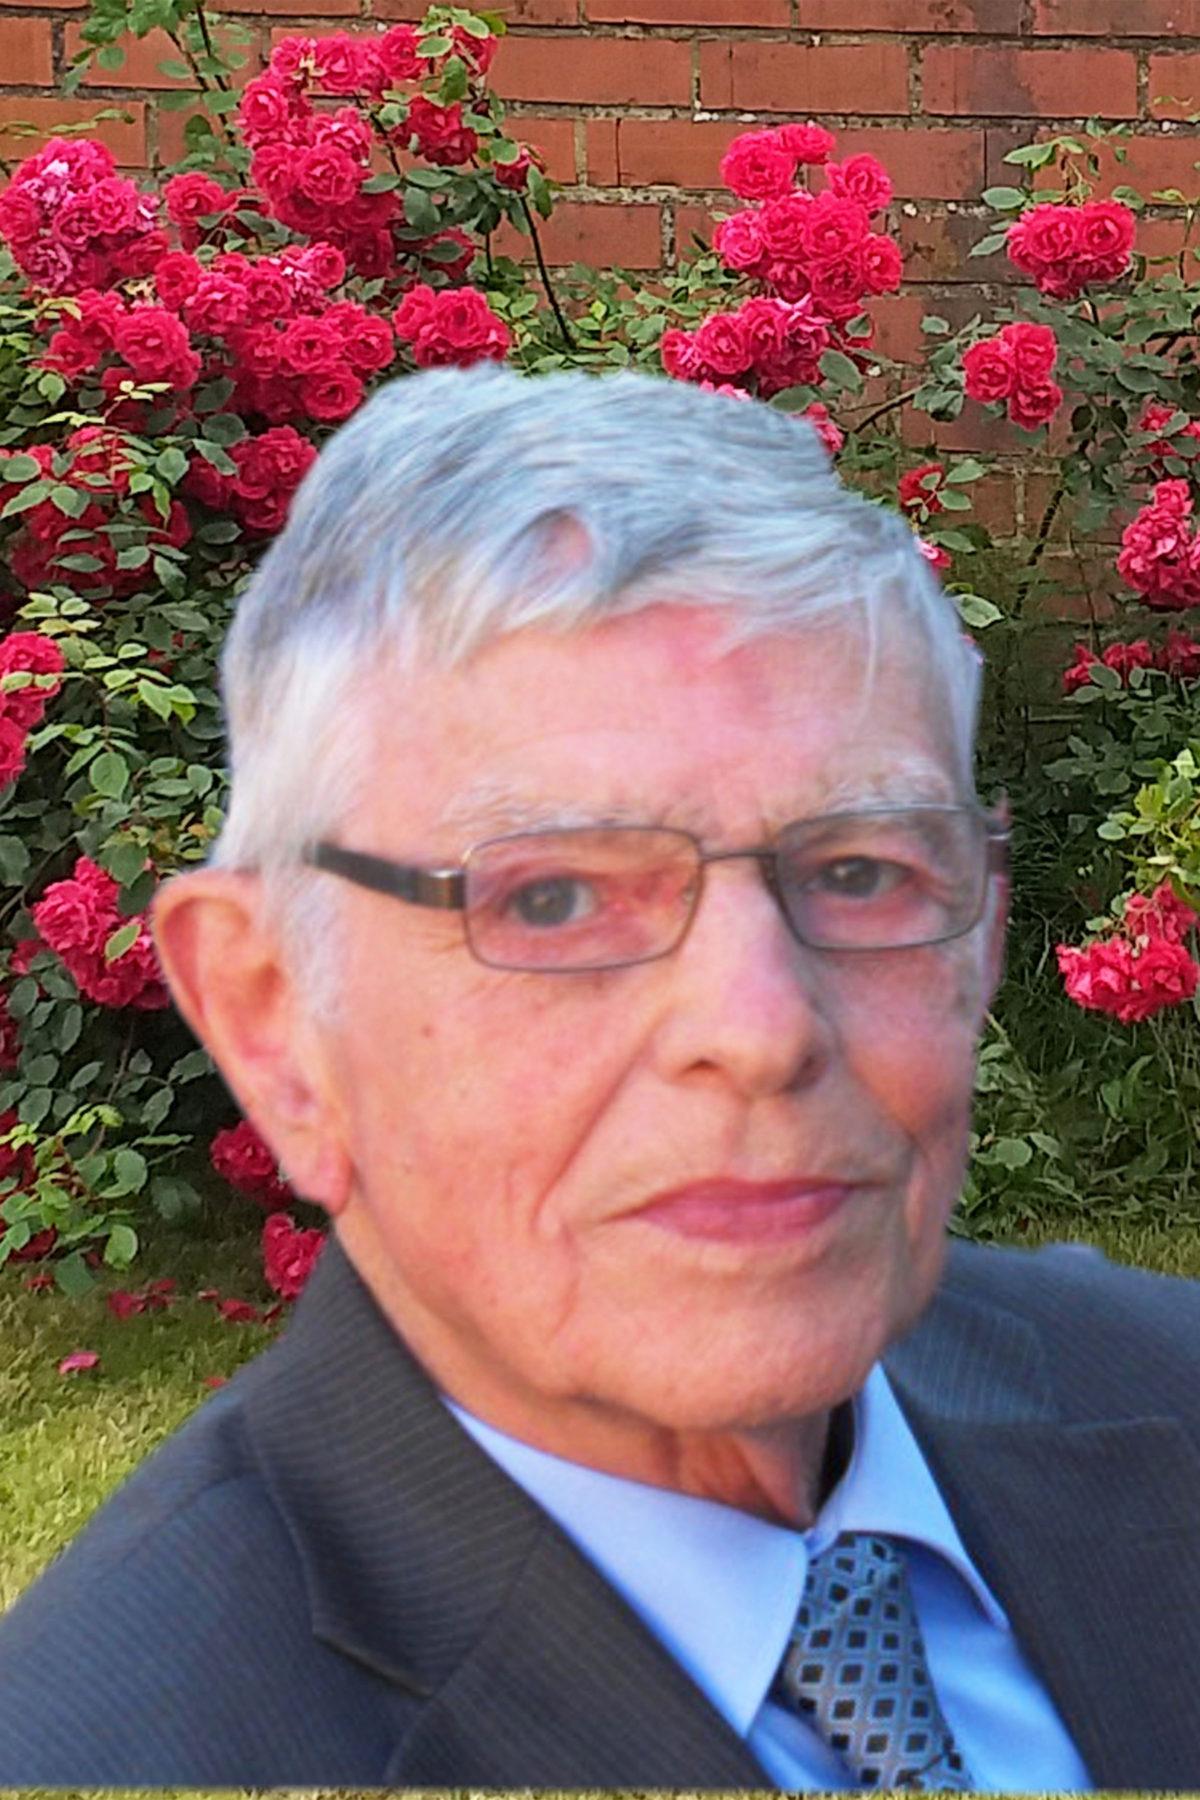 Guillaume Vandooren